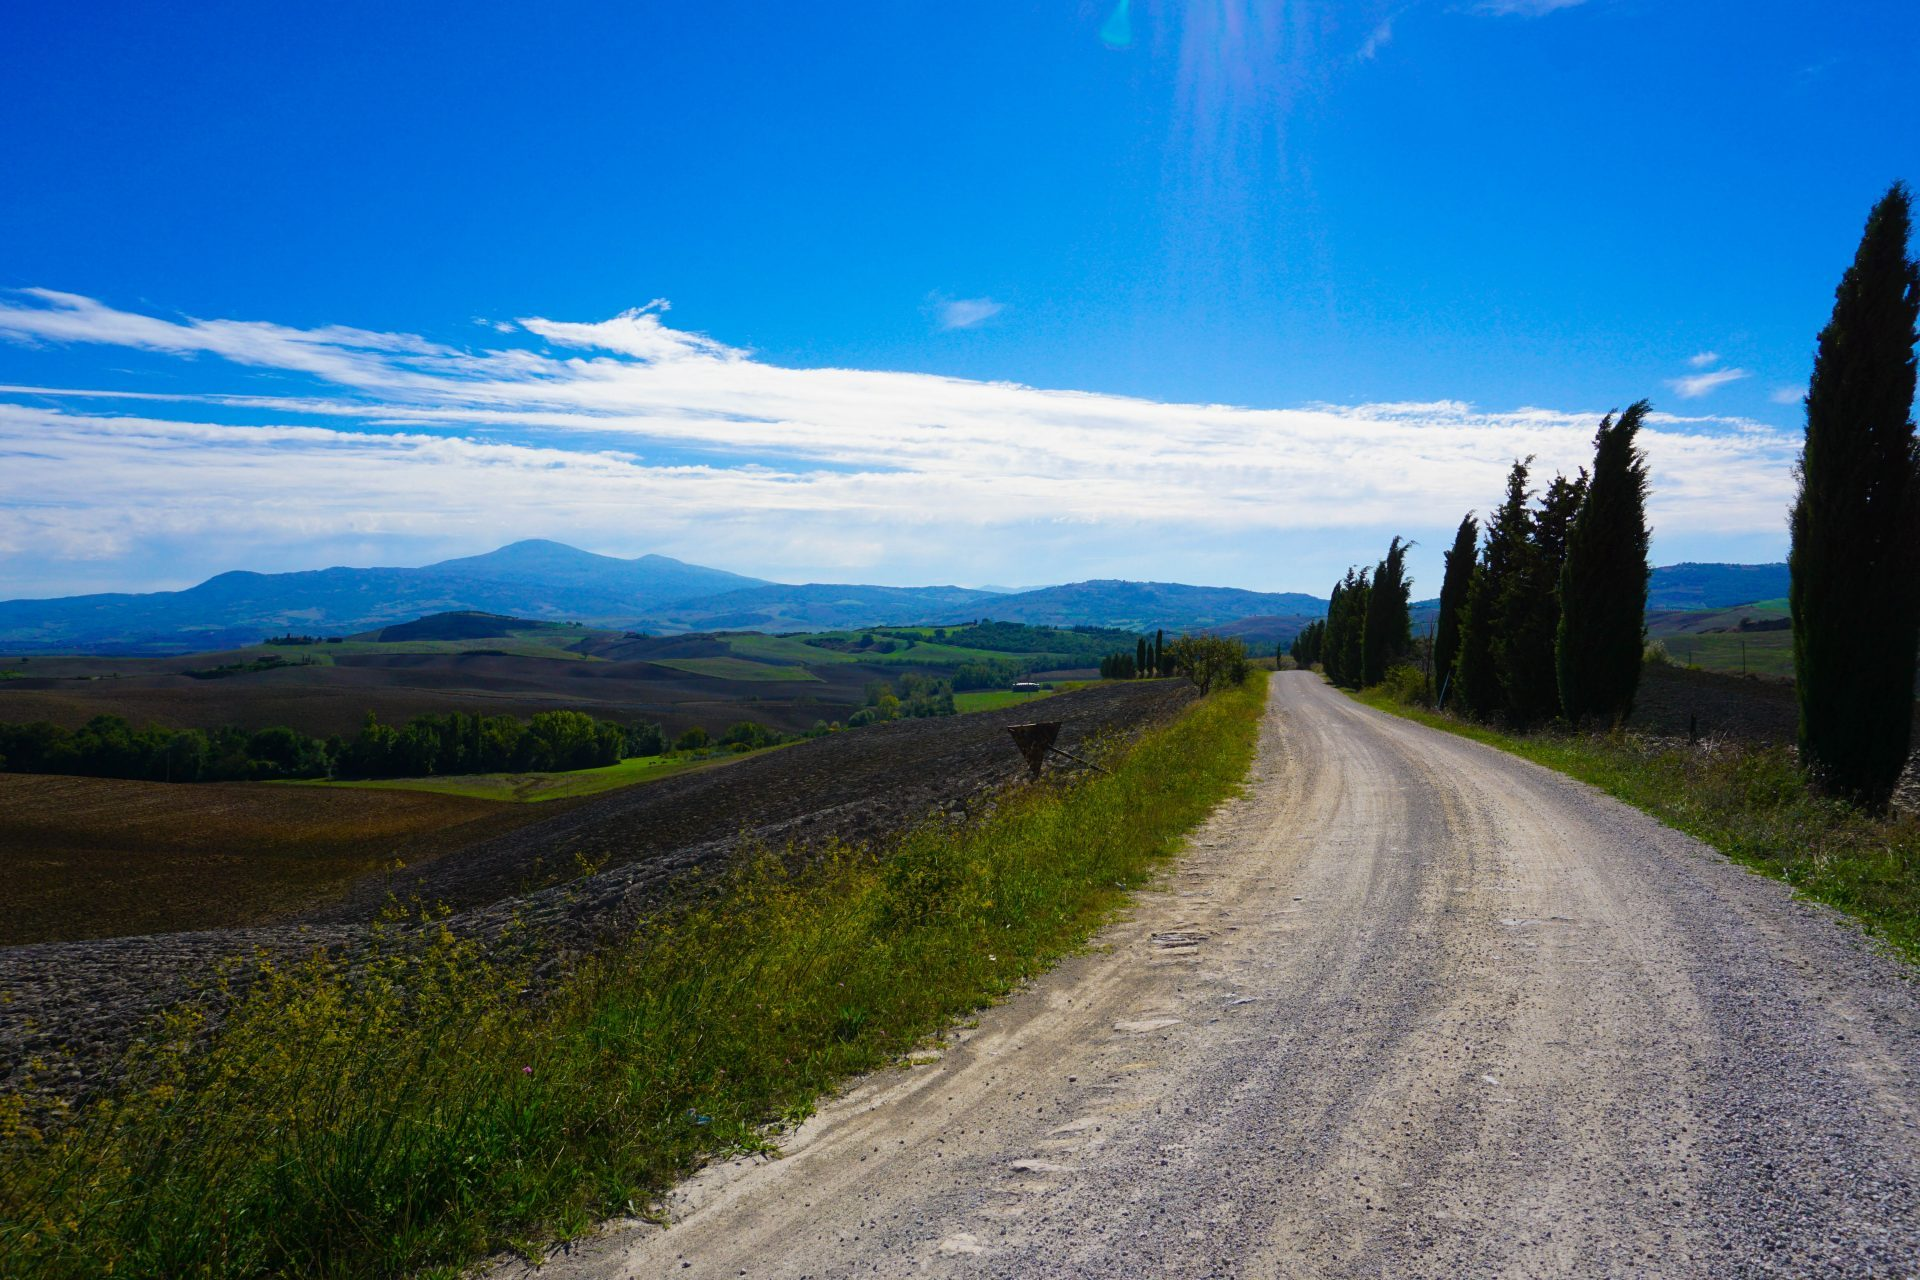 włochy toskania val d'orcia tuscany italy autumn wiosna